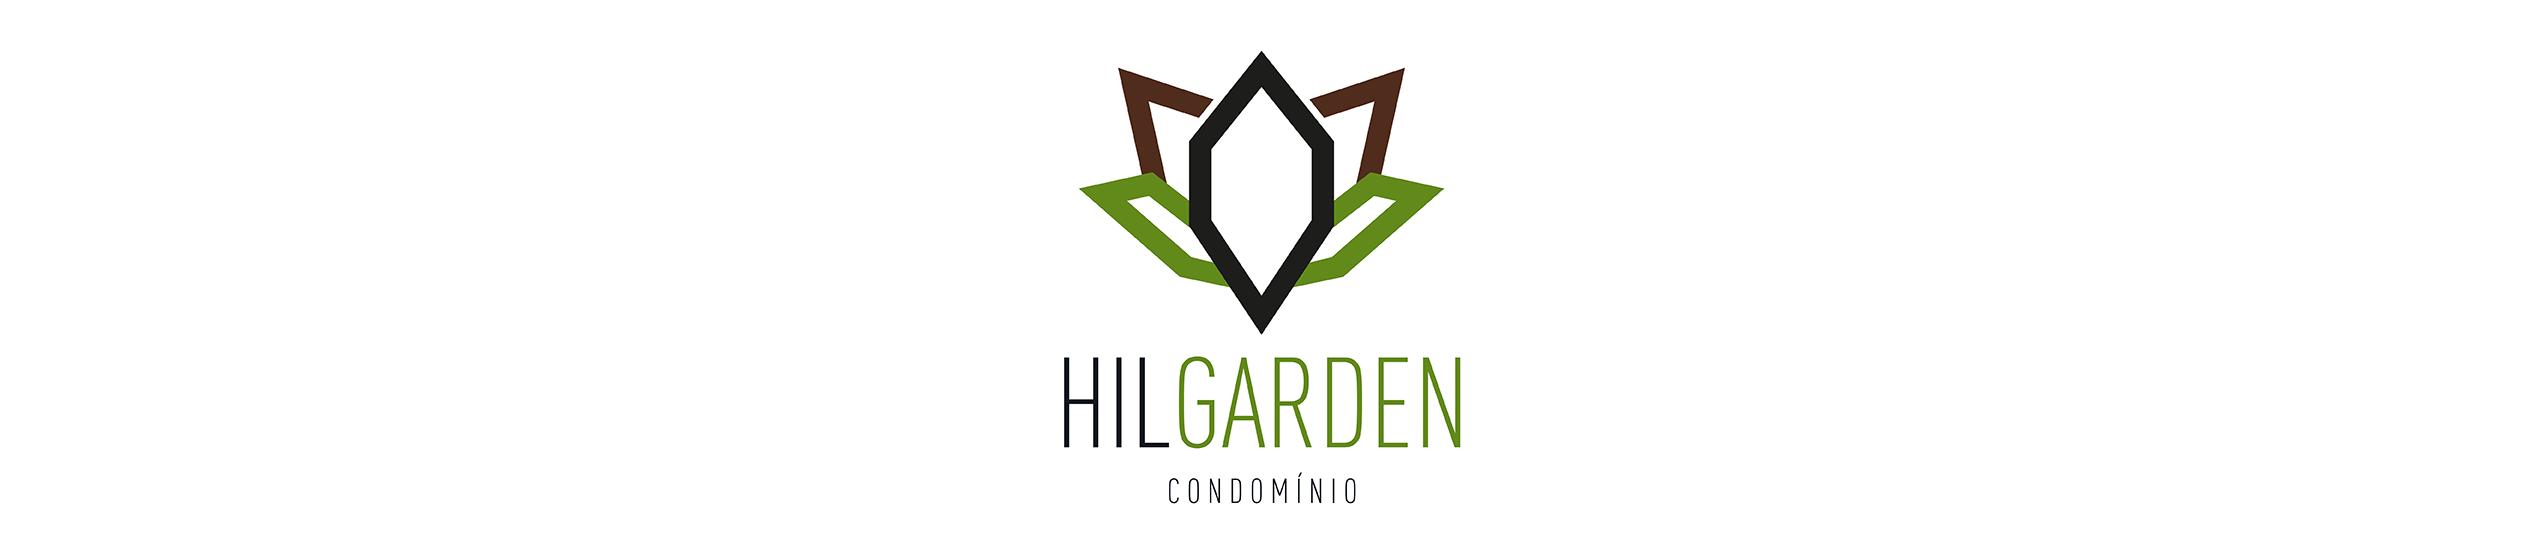 HILGARDEN